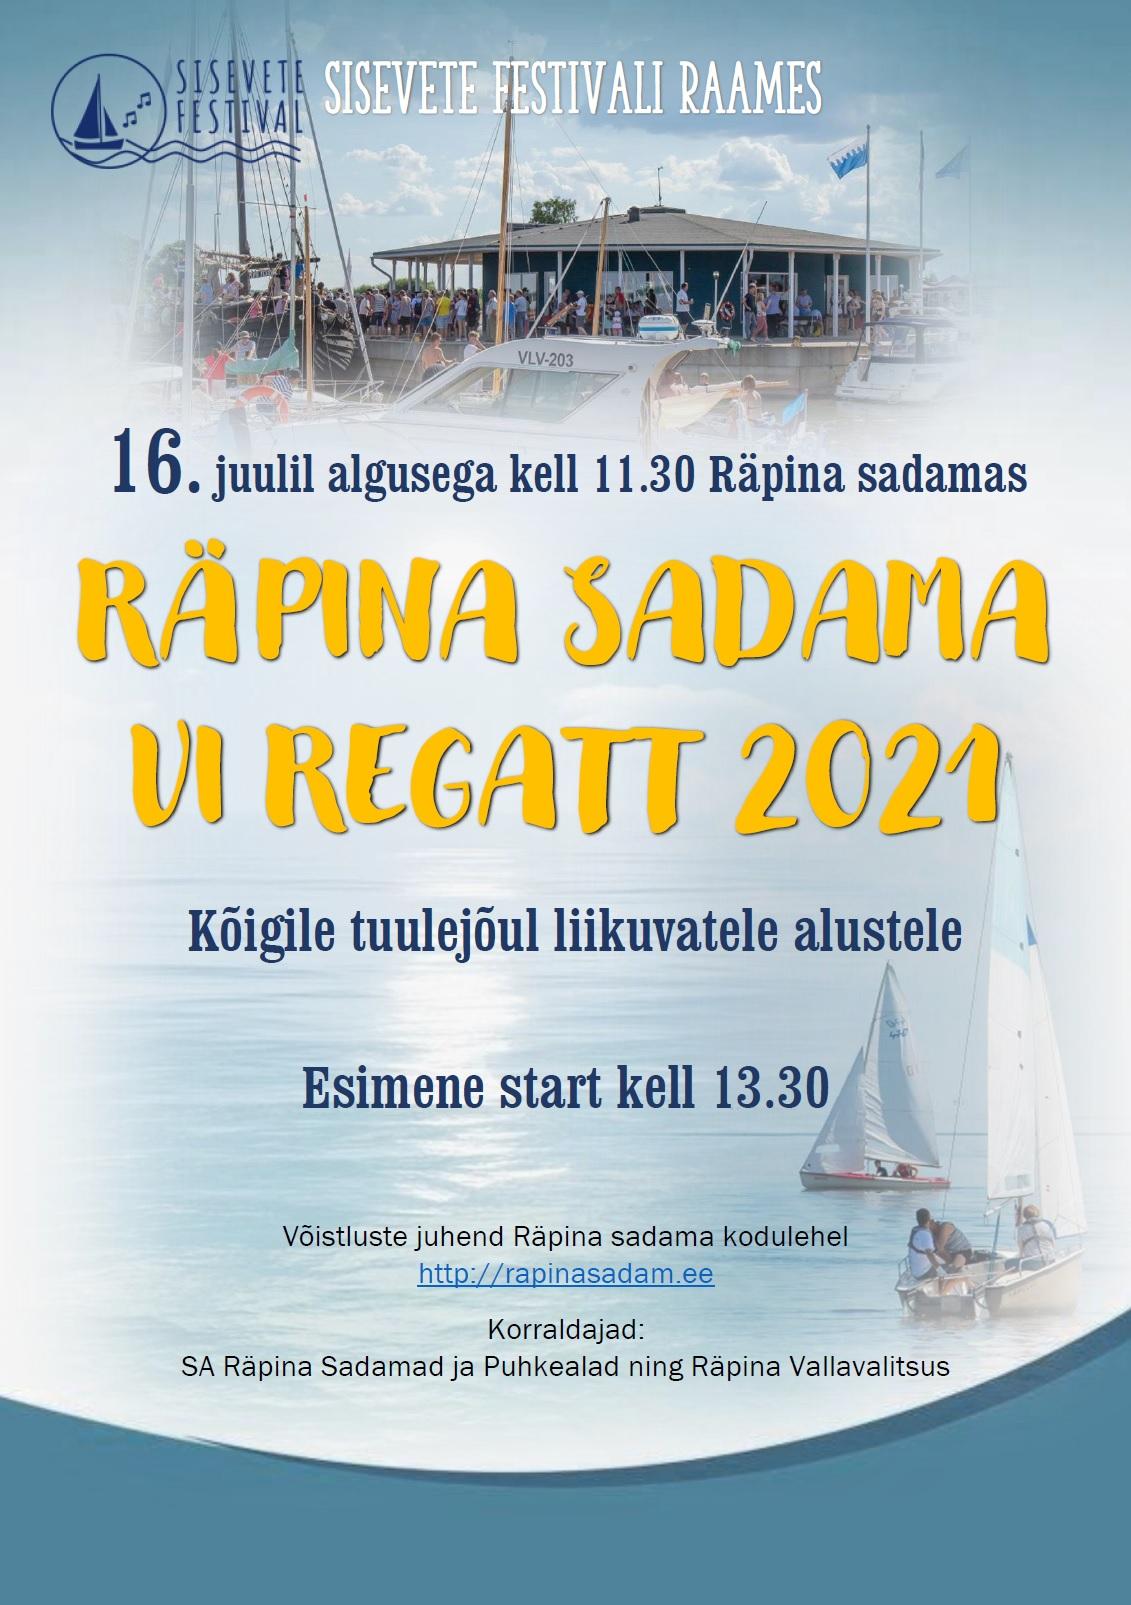 Sisevete festival: VI Räpina sadama regatt @ Räpina sadam | Eesti